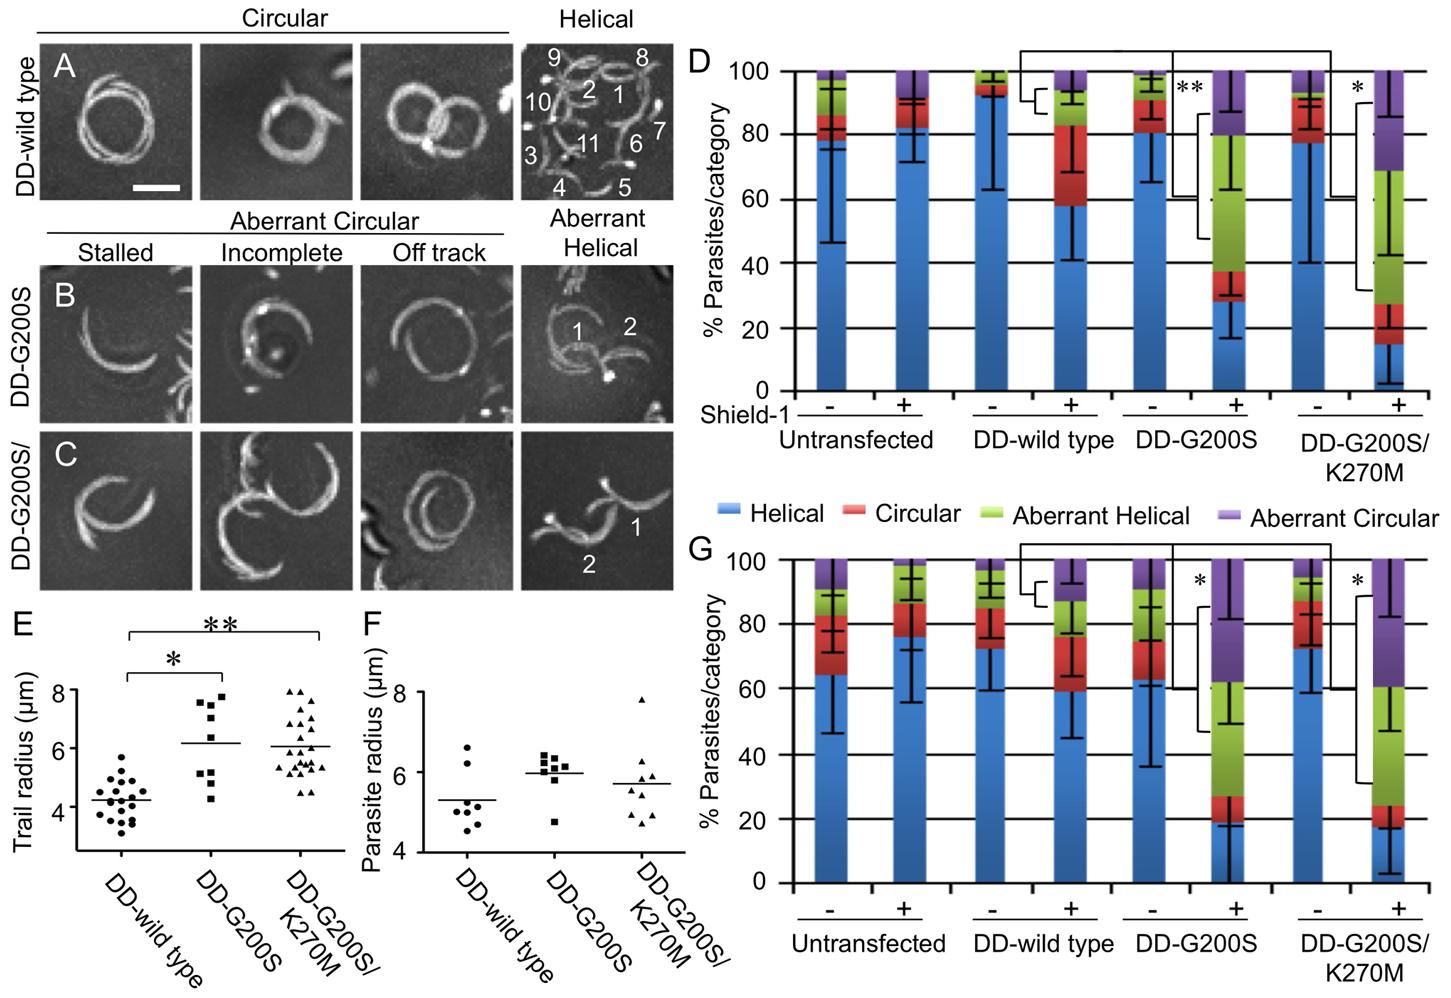 Parasites expressing stabilized actin undergo aberrant gliding motility.